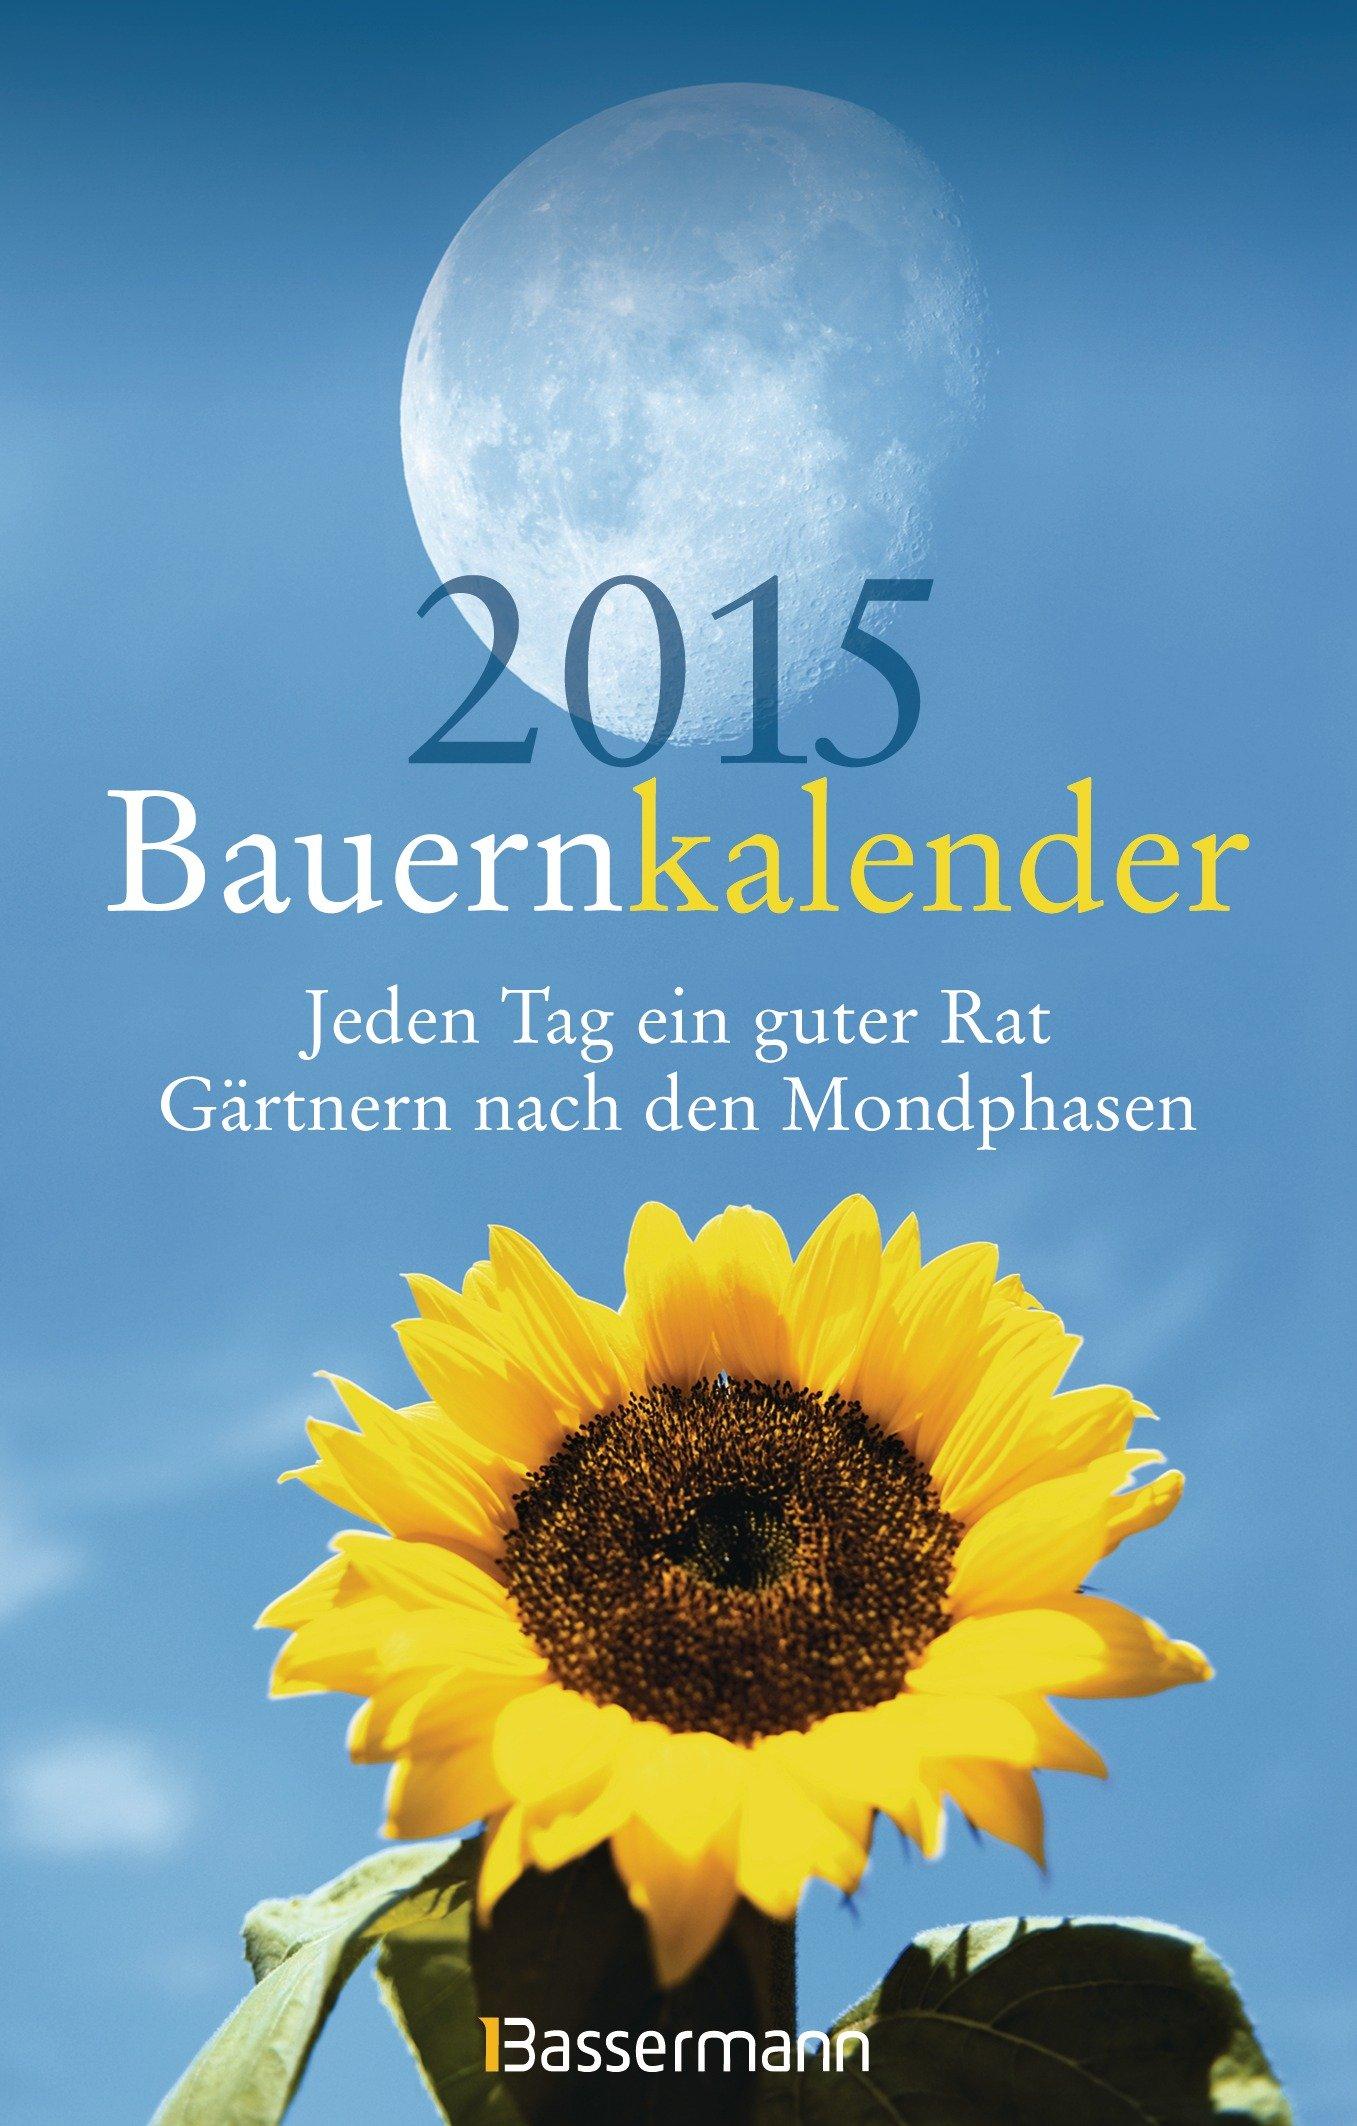 Bauernkalender 2015: Jeden Tag ein guter Rat. Gärtnern nach den Mondphasen